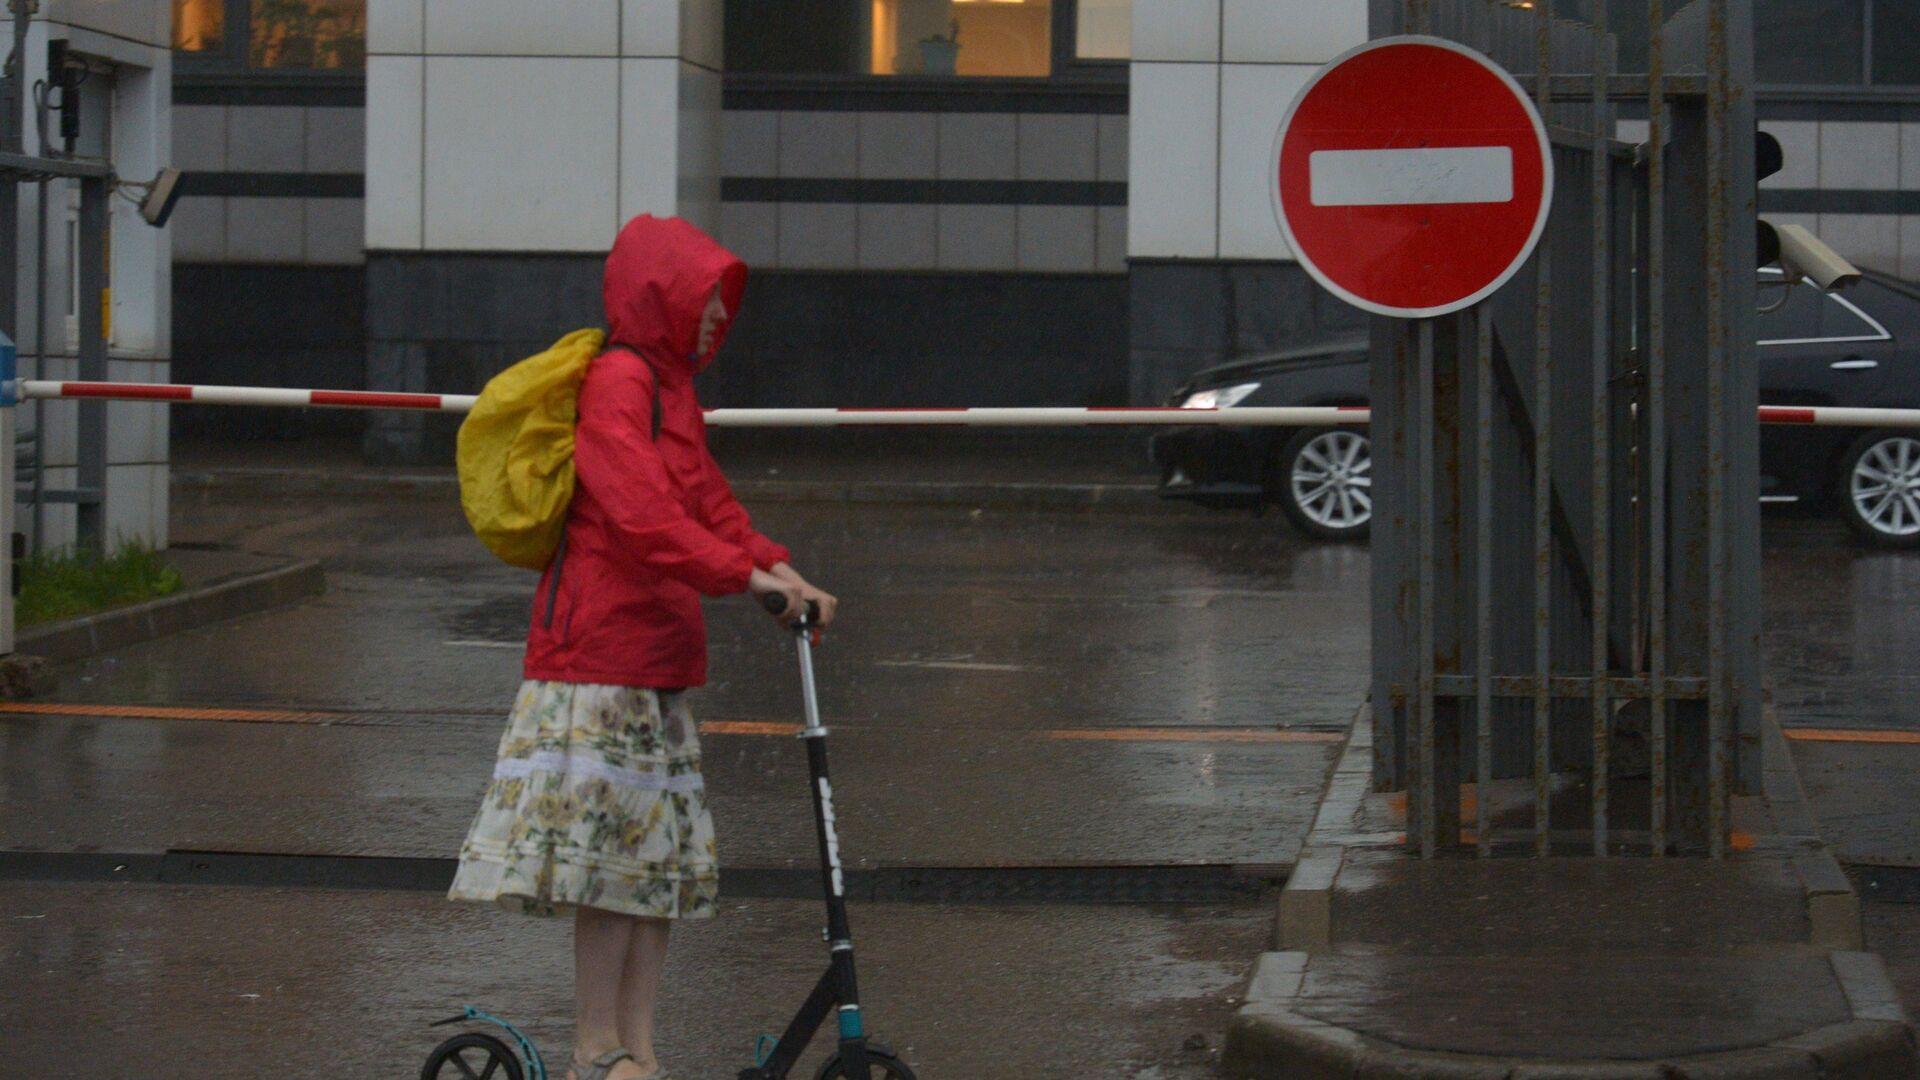 Девушка на самокате во время дождя - РИА Новости, 1920, 15.09.2021